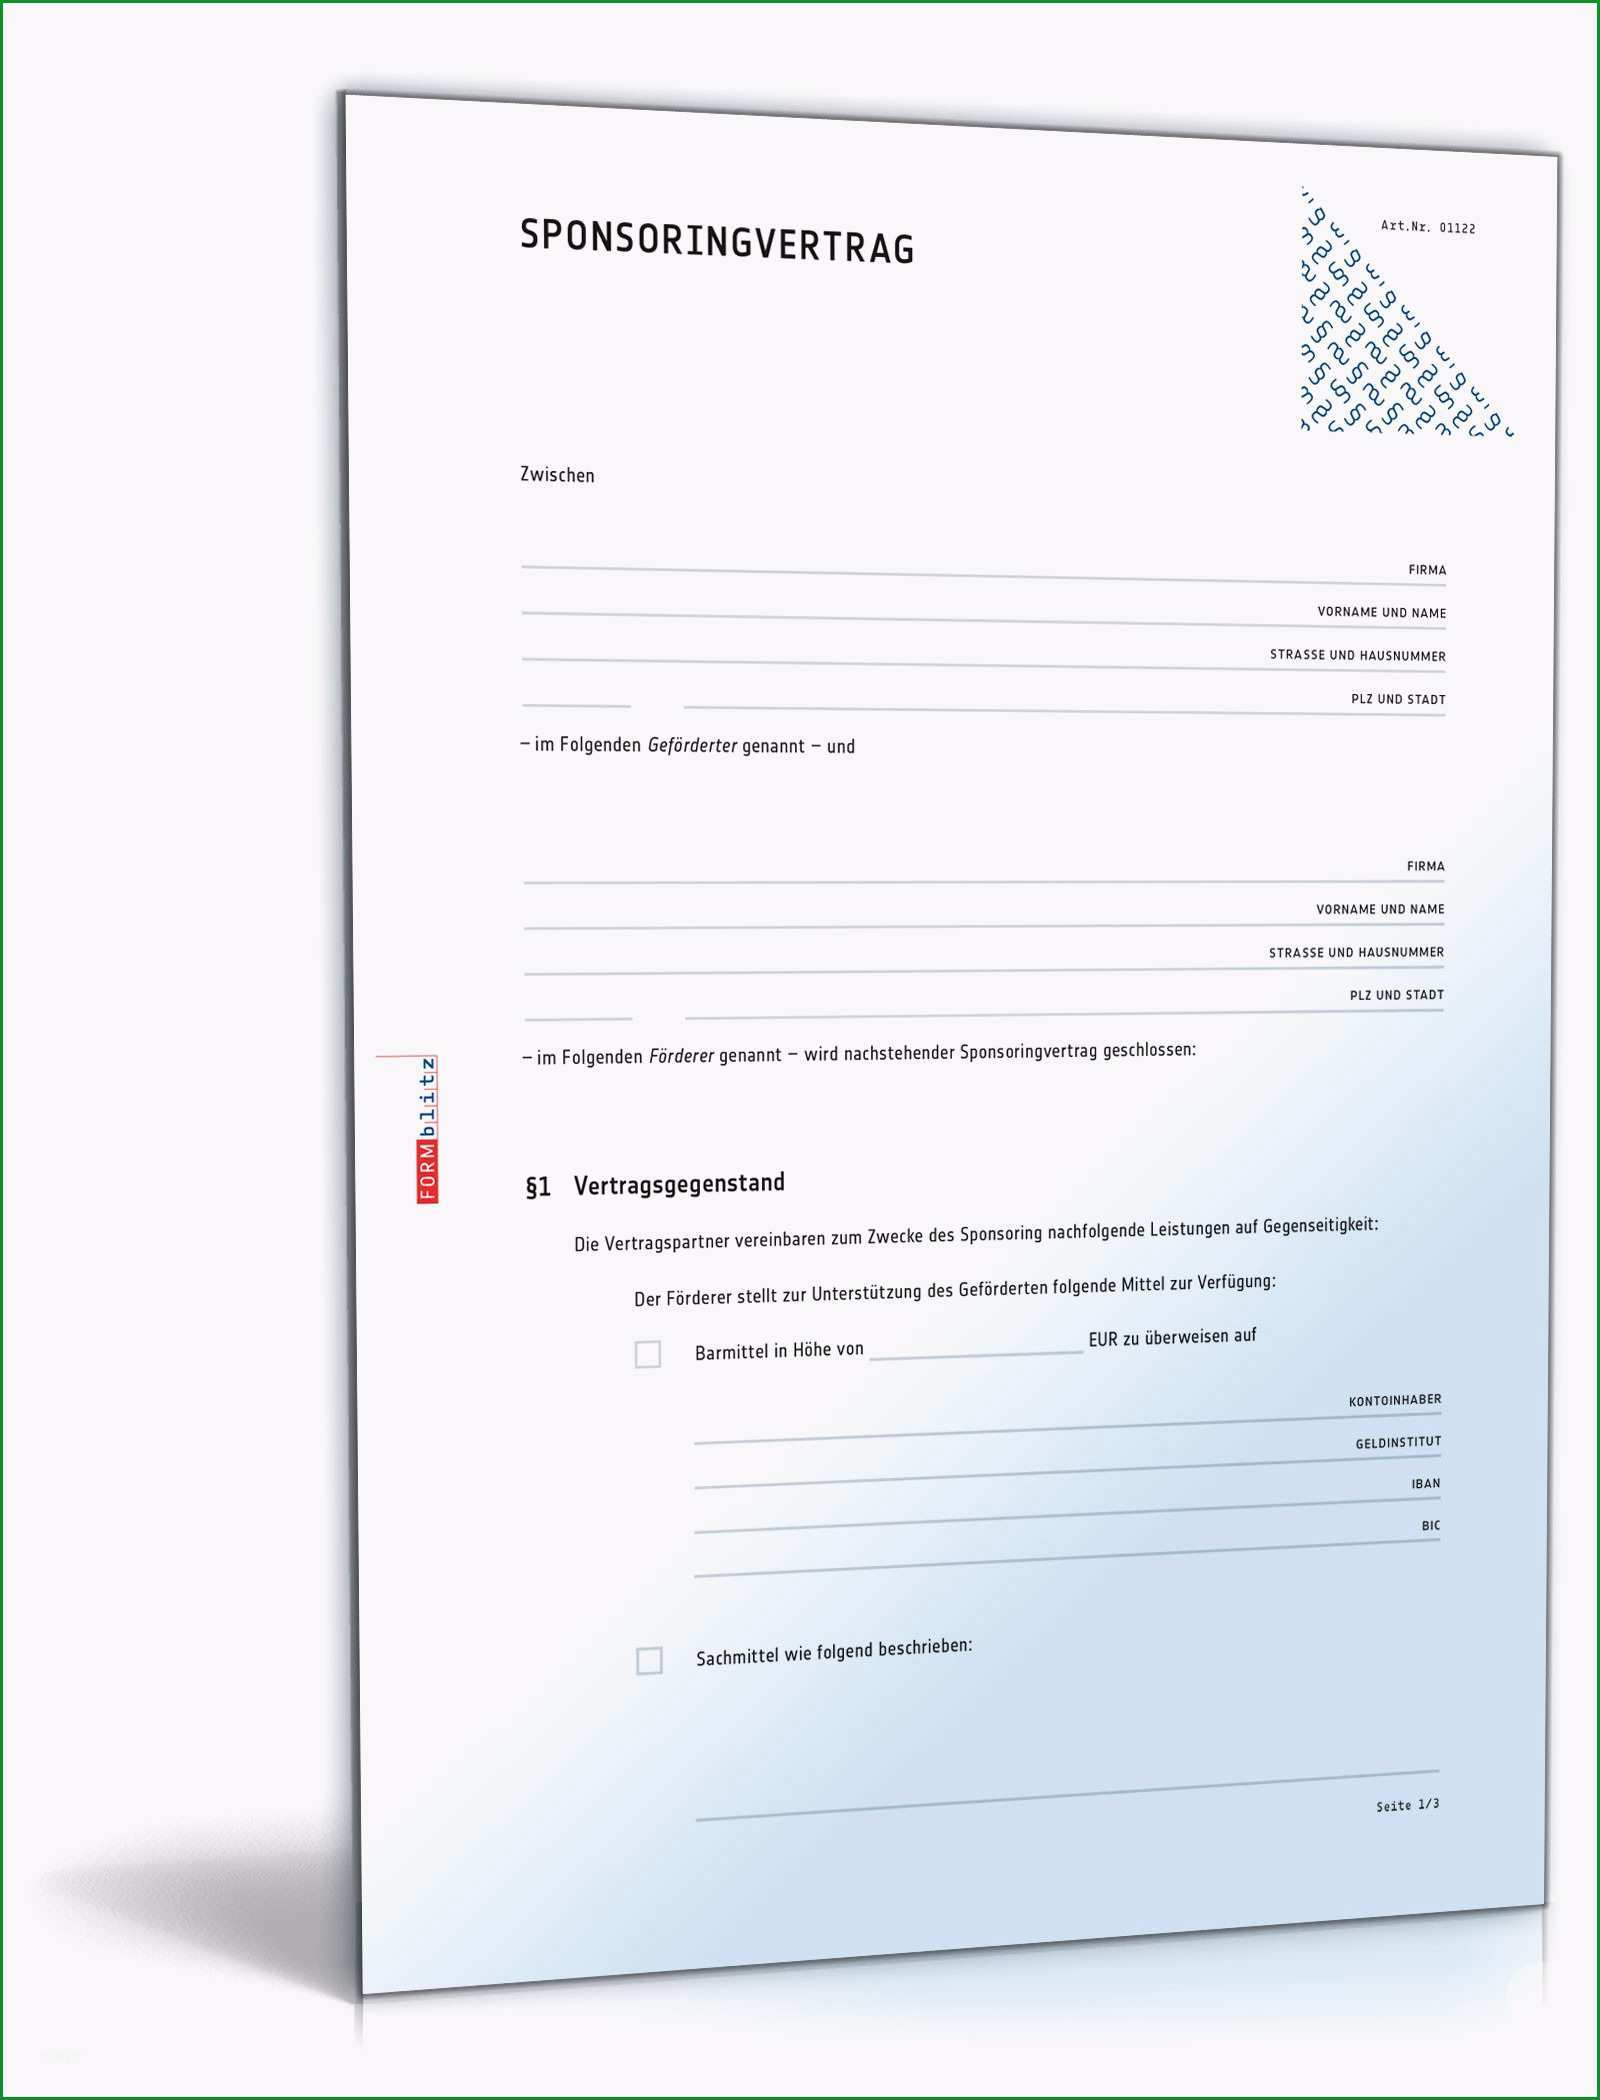 Ausgezeichnet Sponsoringvertrag